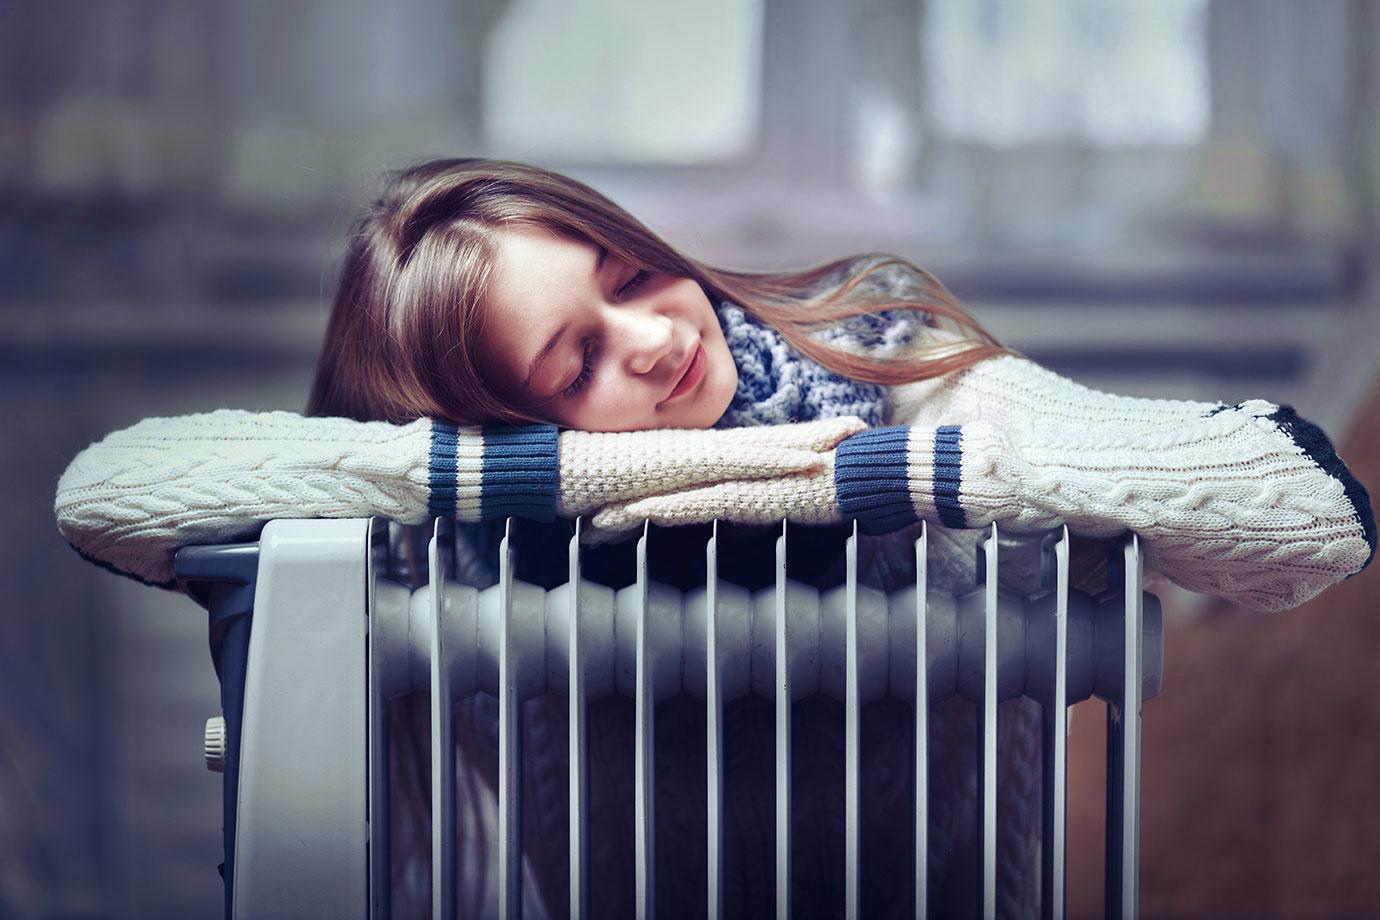 オイルヒーターは5つもメリットがある!一人暮らしには実はオイルヒーターが向いている!?